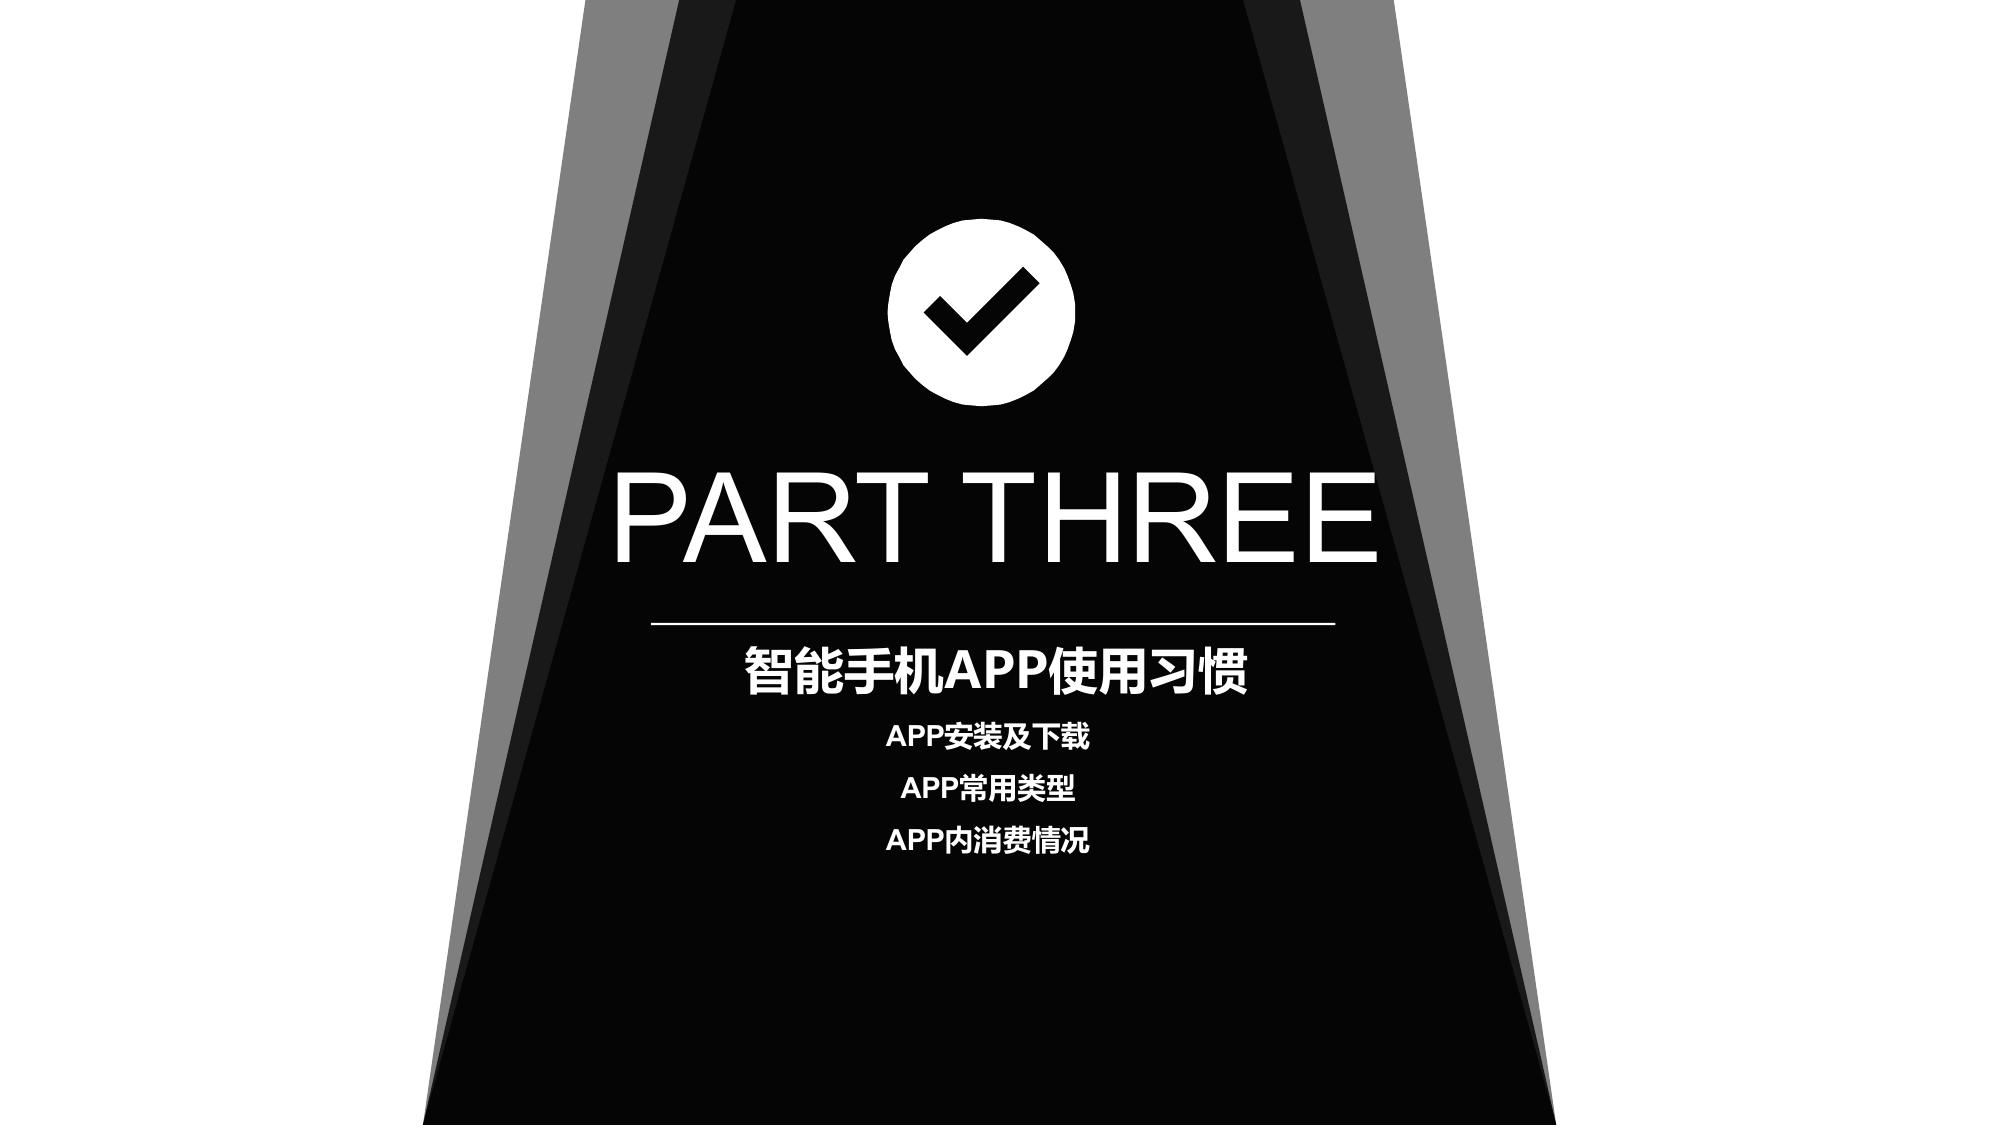 00后智能手机及APP使用习惯研究报告_000022